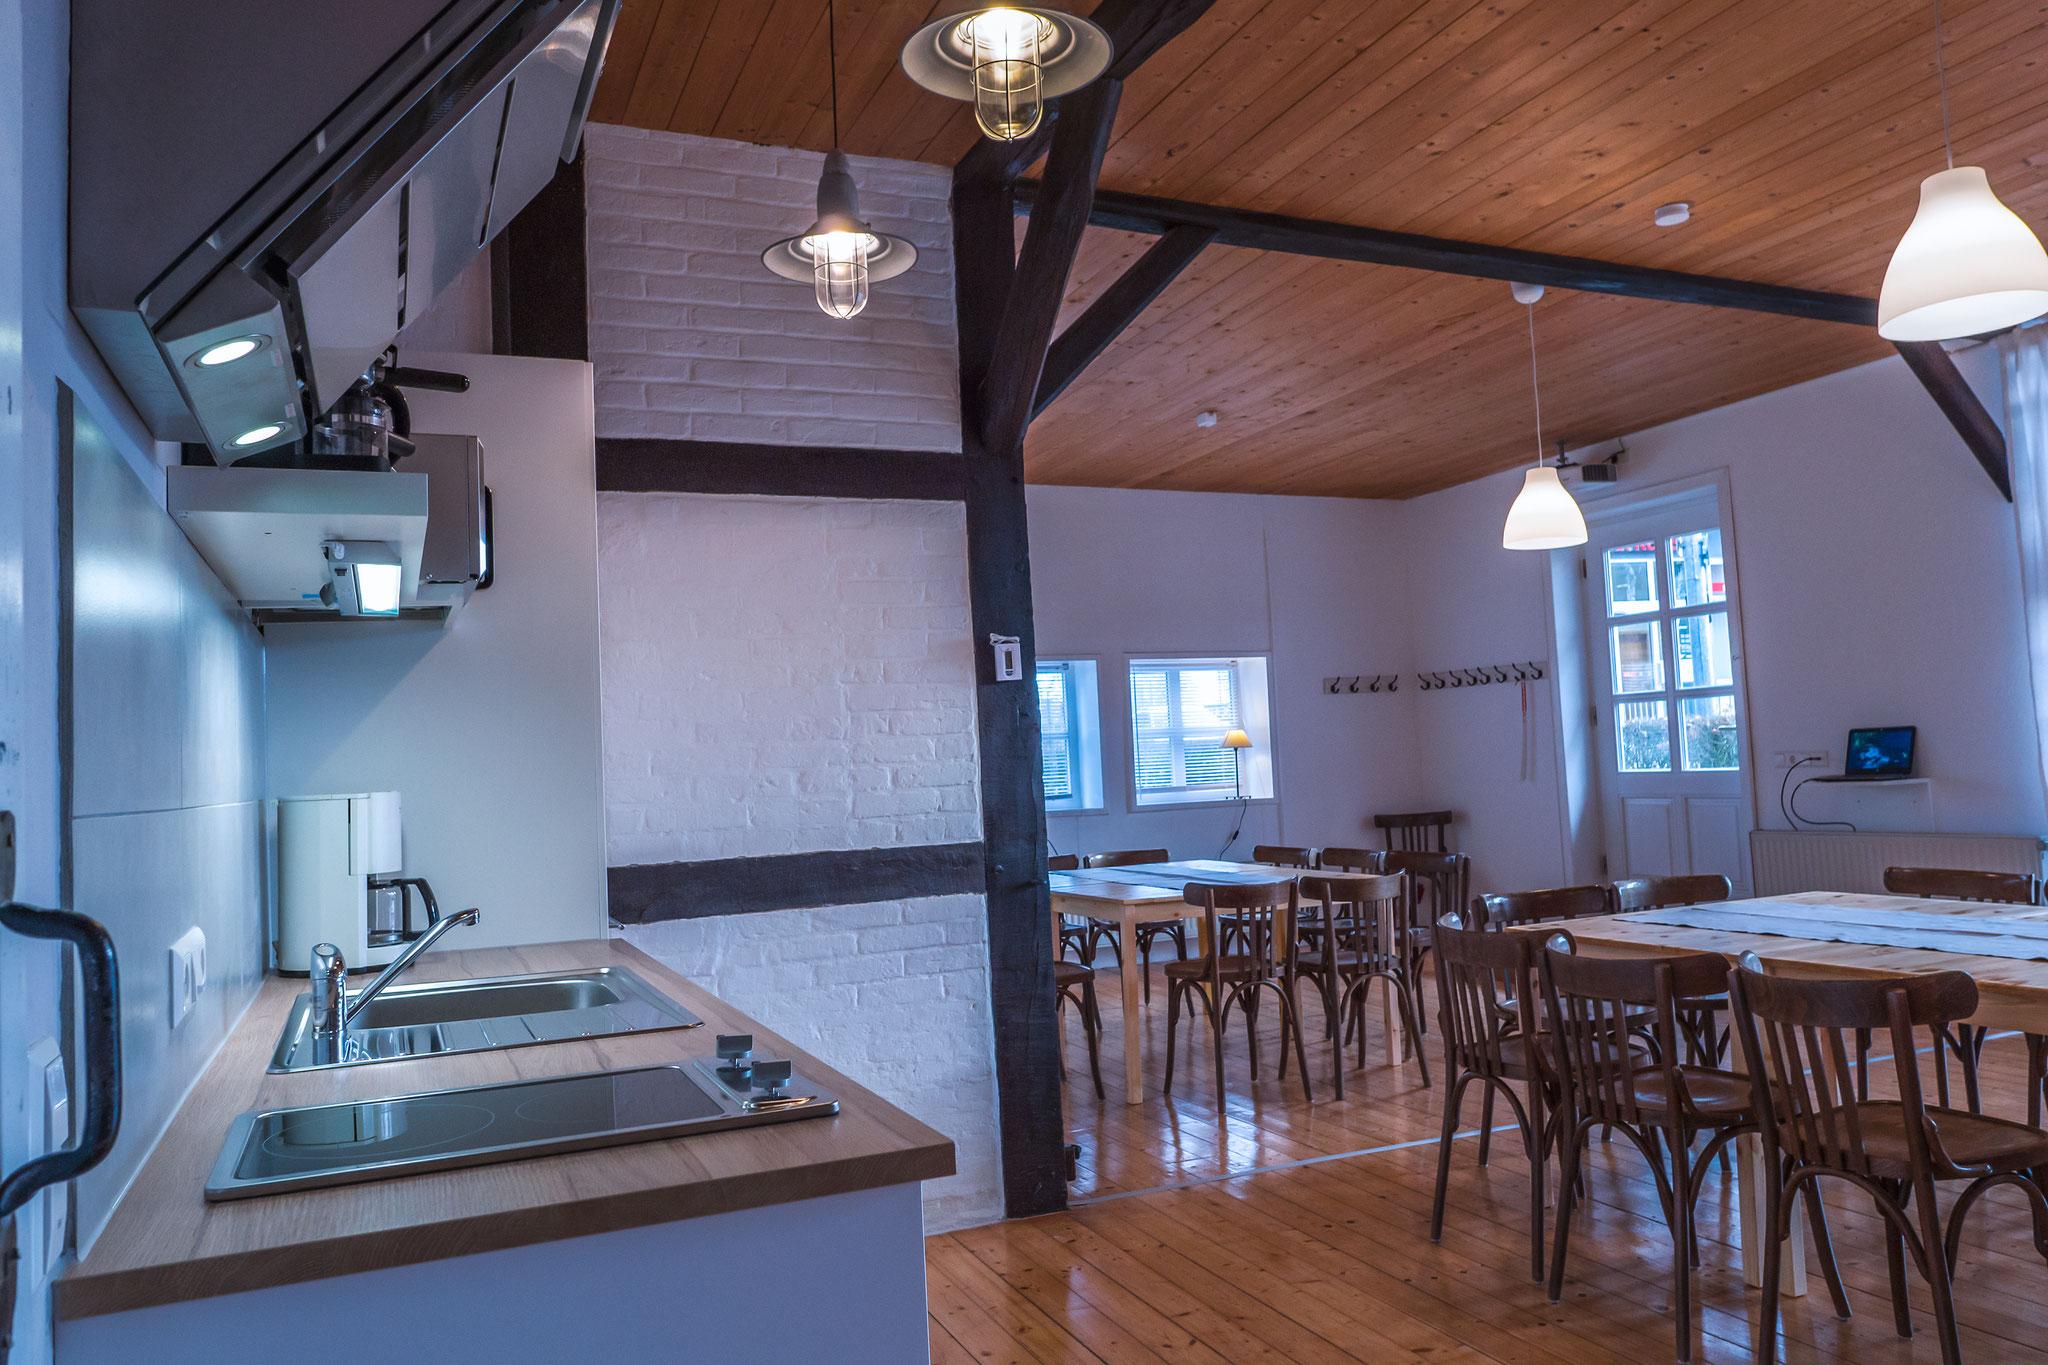 Seminarraum und Gruppenraum, Küche